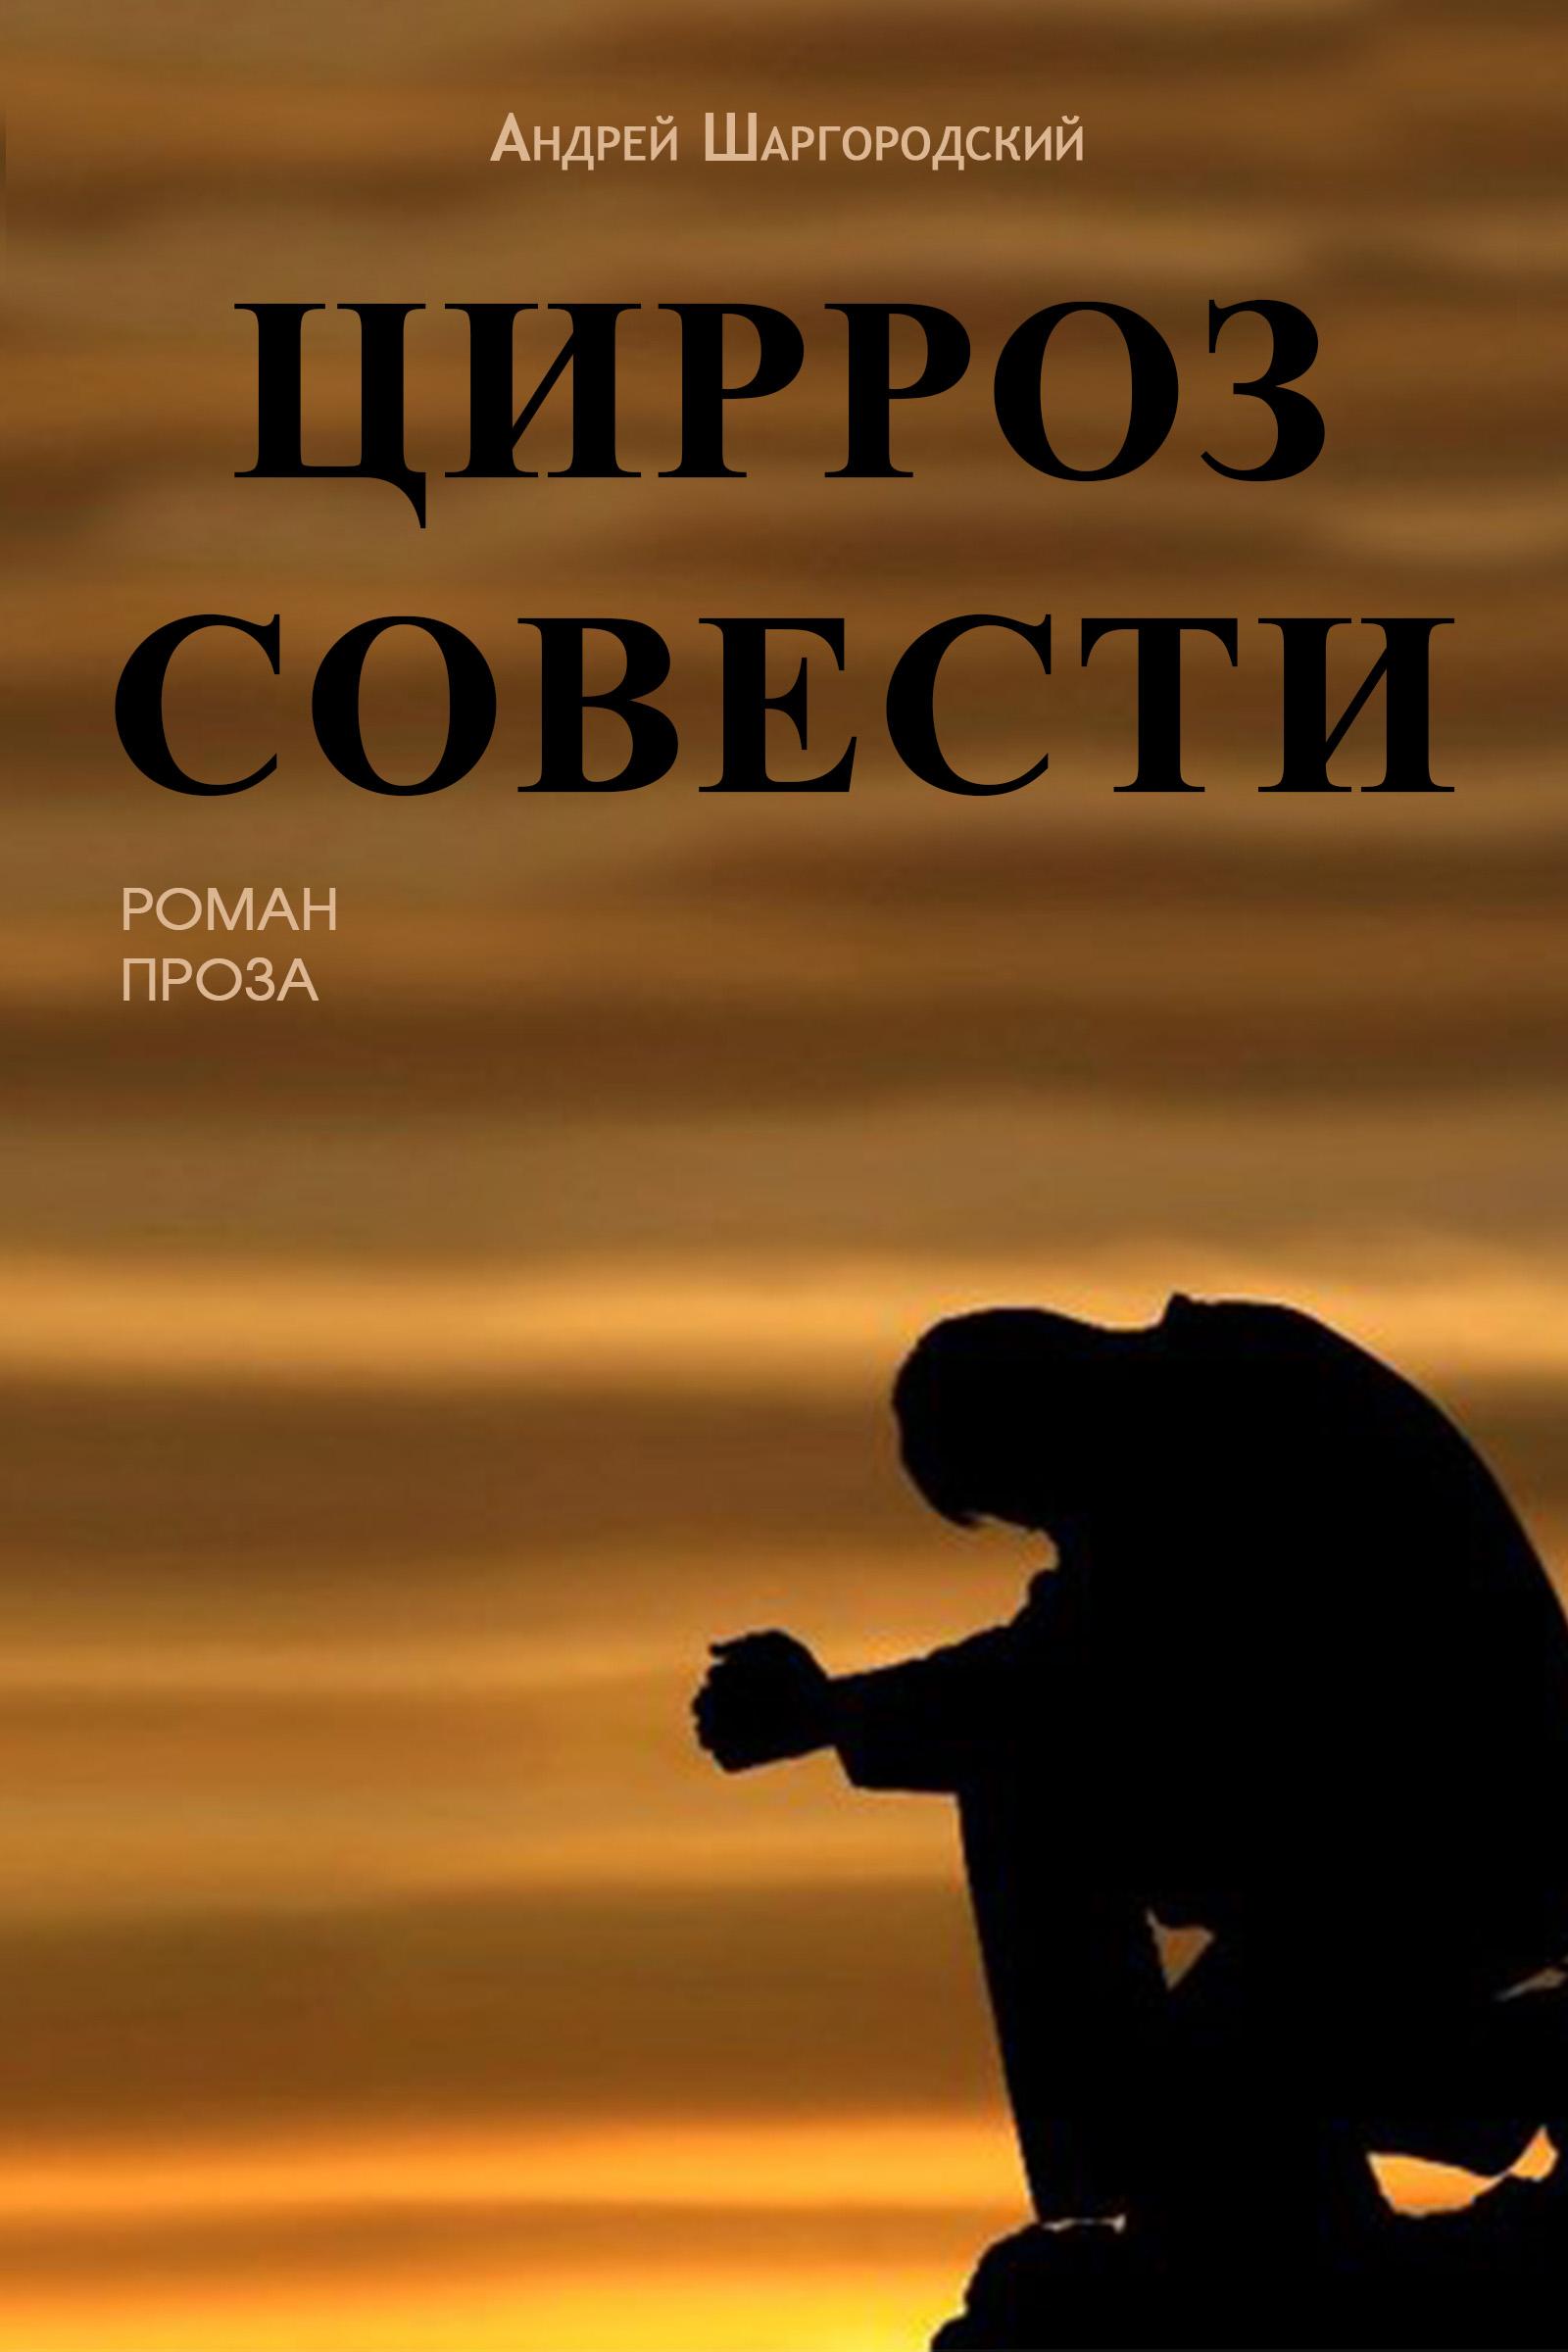 Андрей Шаргородский Цирроз совести (сборник)